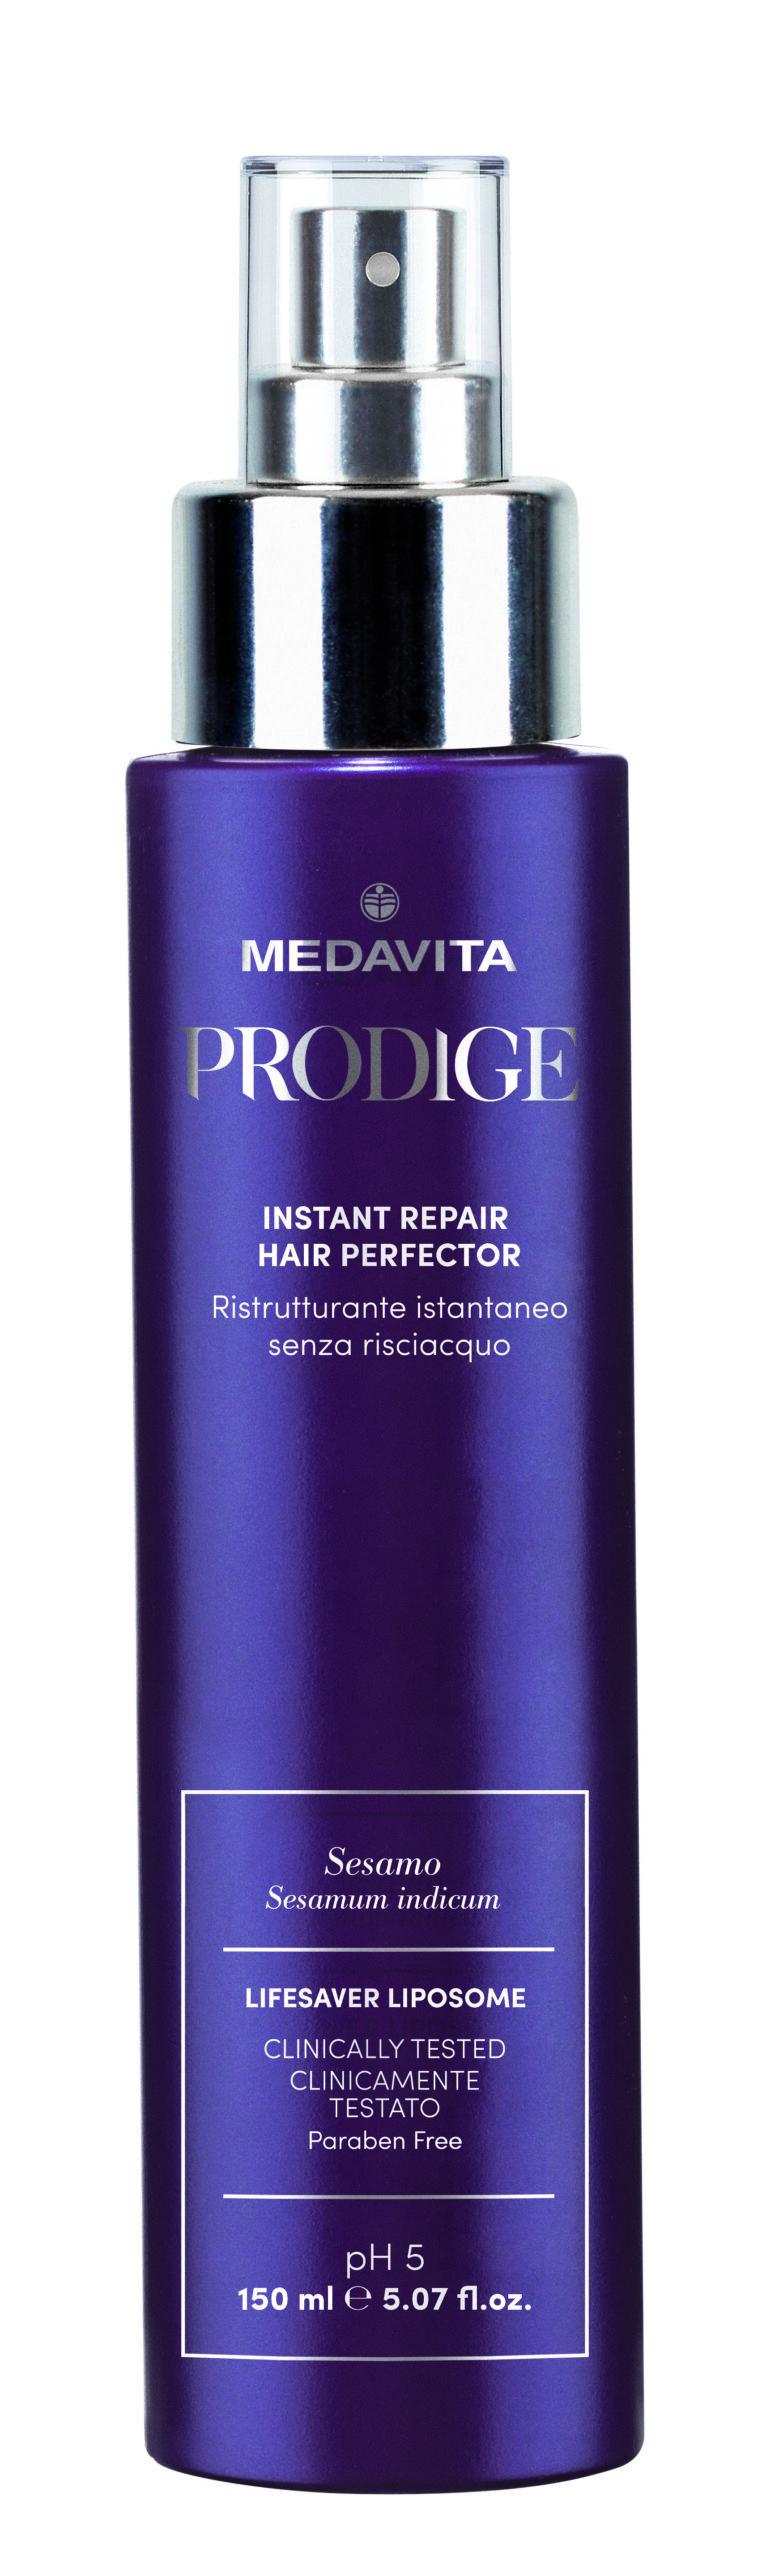 Сыворотка Prodige мгновенного действия для реконструкции волос Medavita Италия 150 мл(р) — фото №1